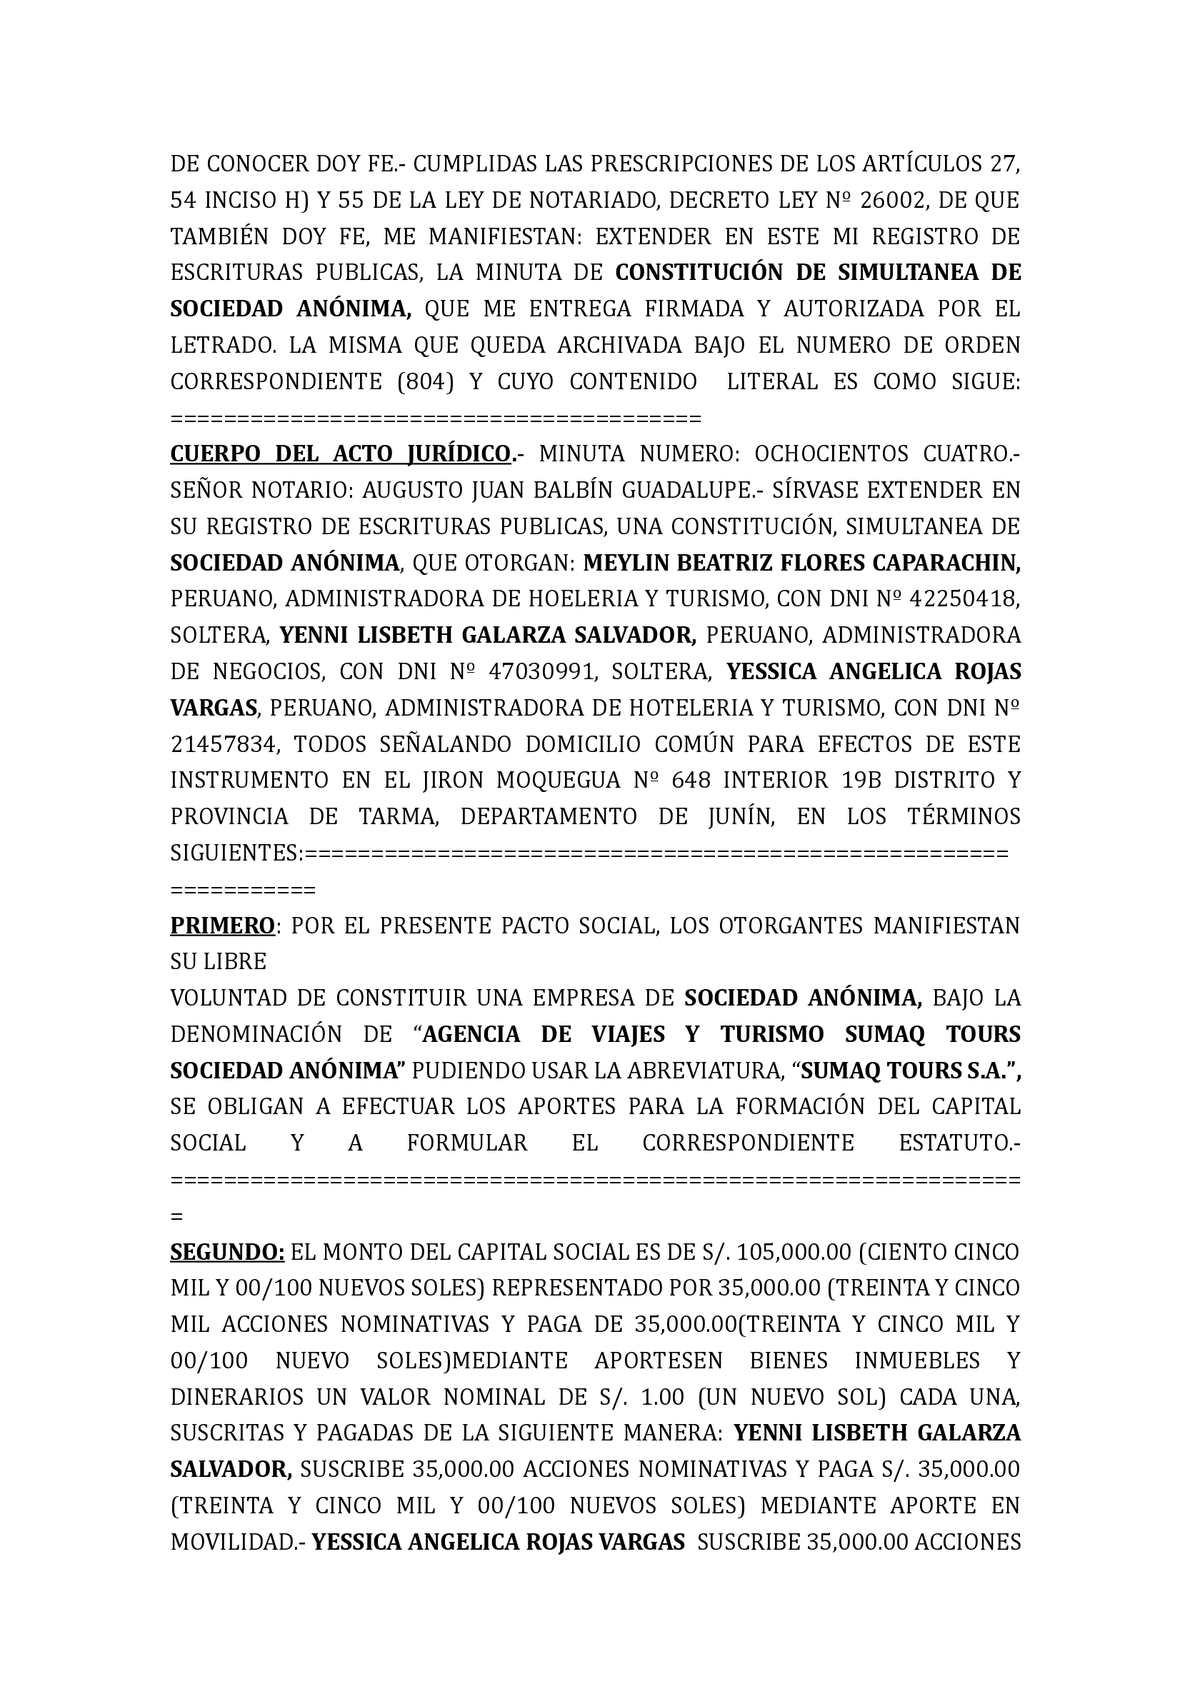 Modelos De Minutas Calameo Downloader # Muebles Cival Ltda